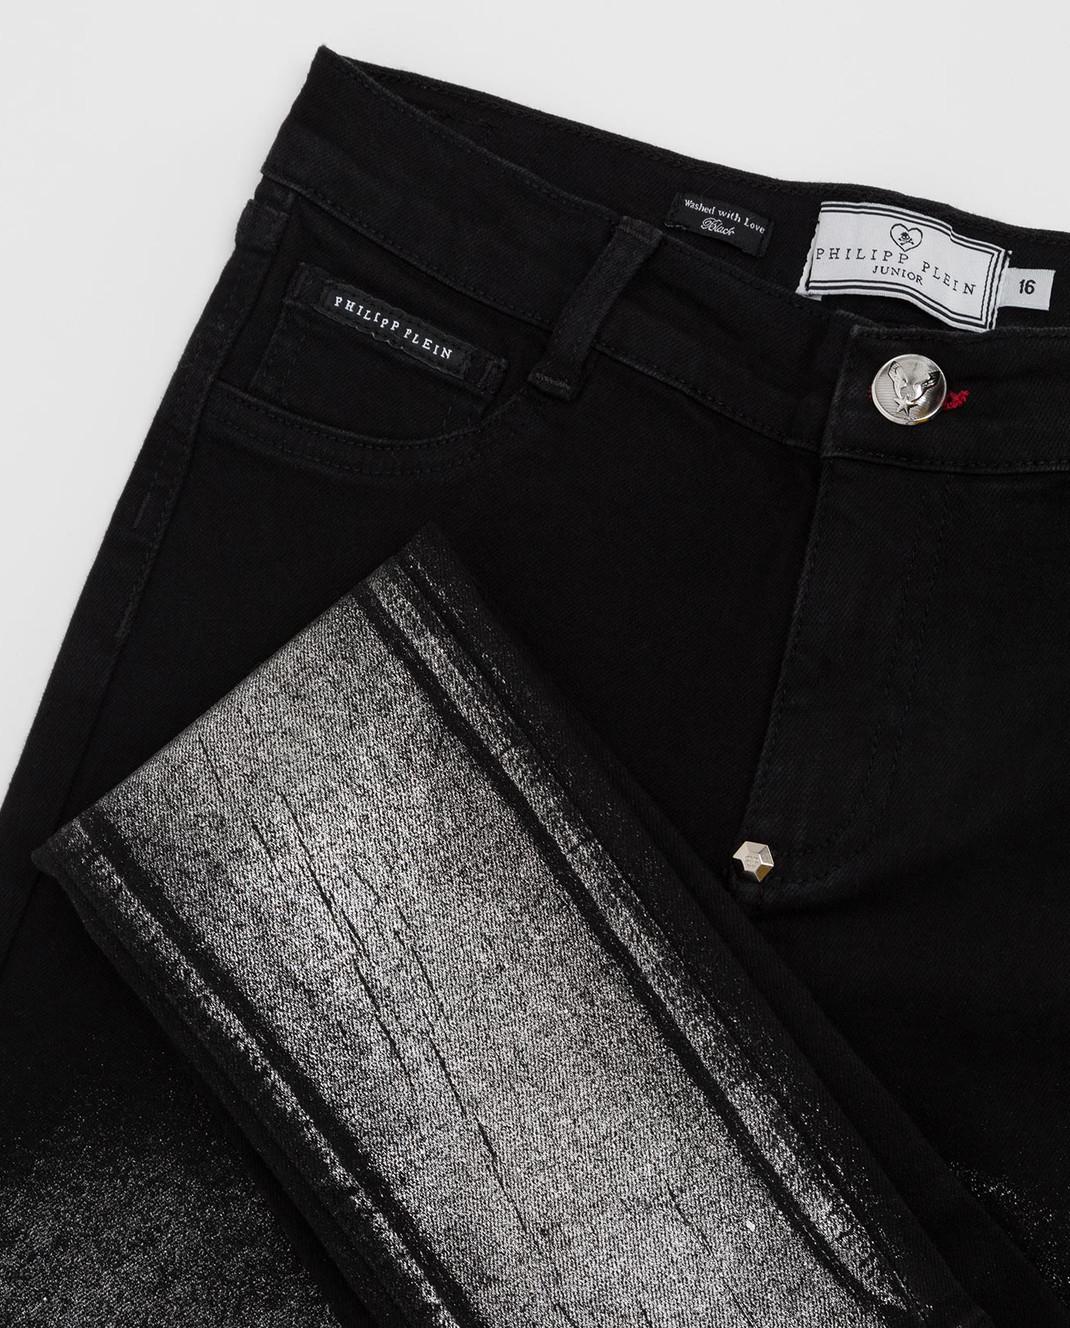 Philipp Plein Детские черные джинсы GDT01071216 изображение 3